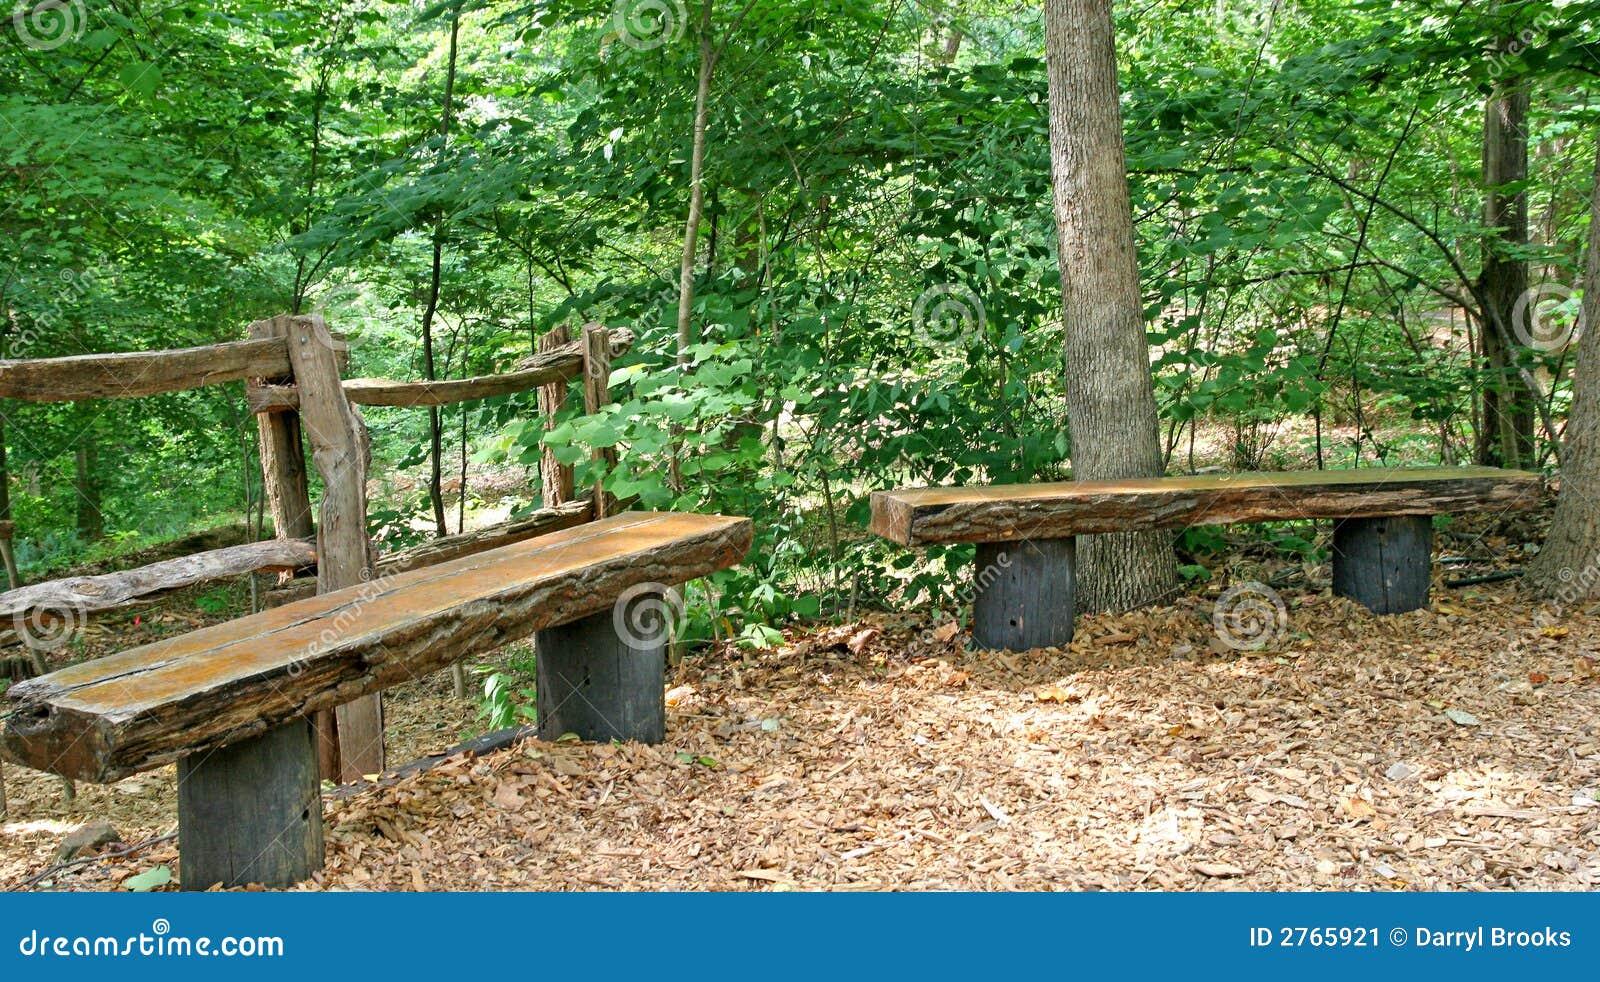 madeira de madeira natural benches em um parque da floresta. #689734 1300x815